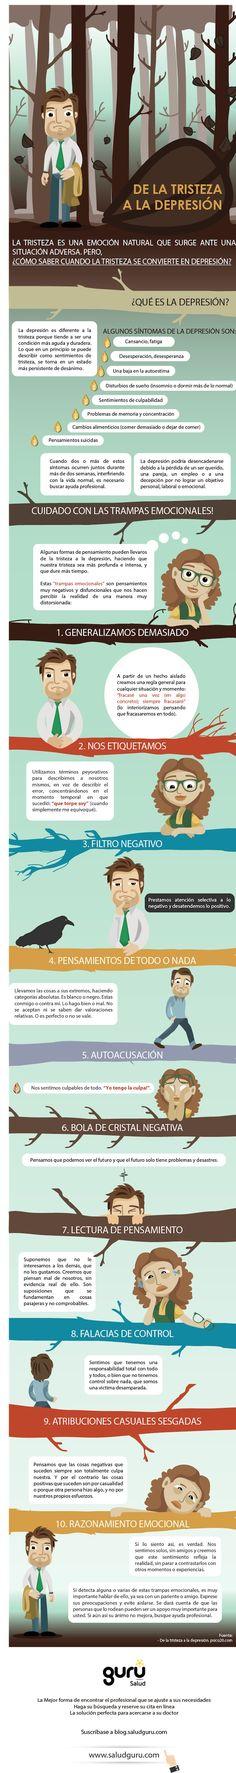 #Infografia Vida saludable: de la tristeza a la depresión